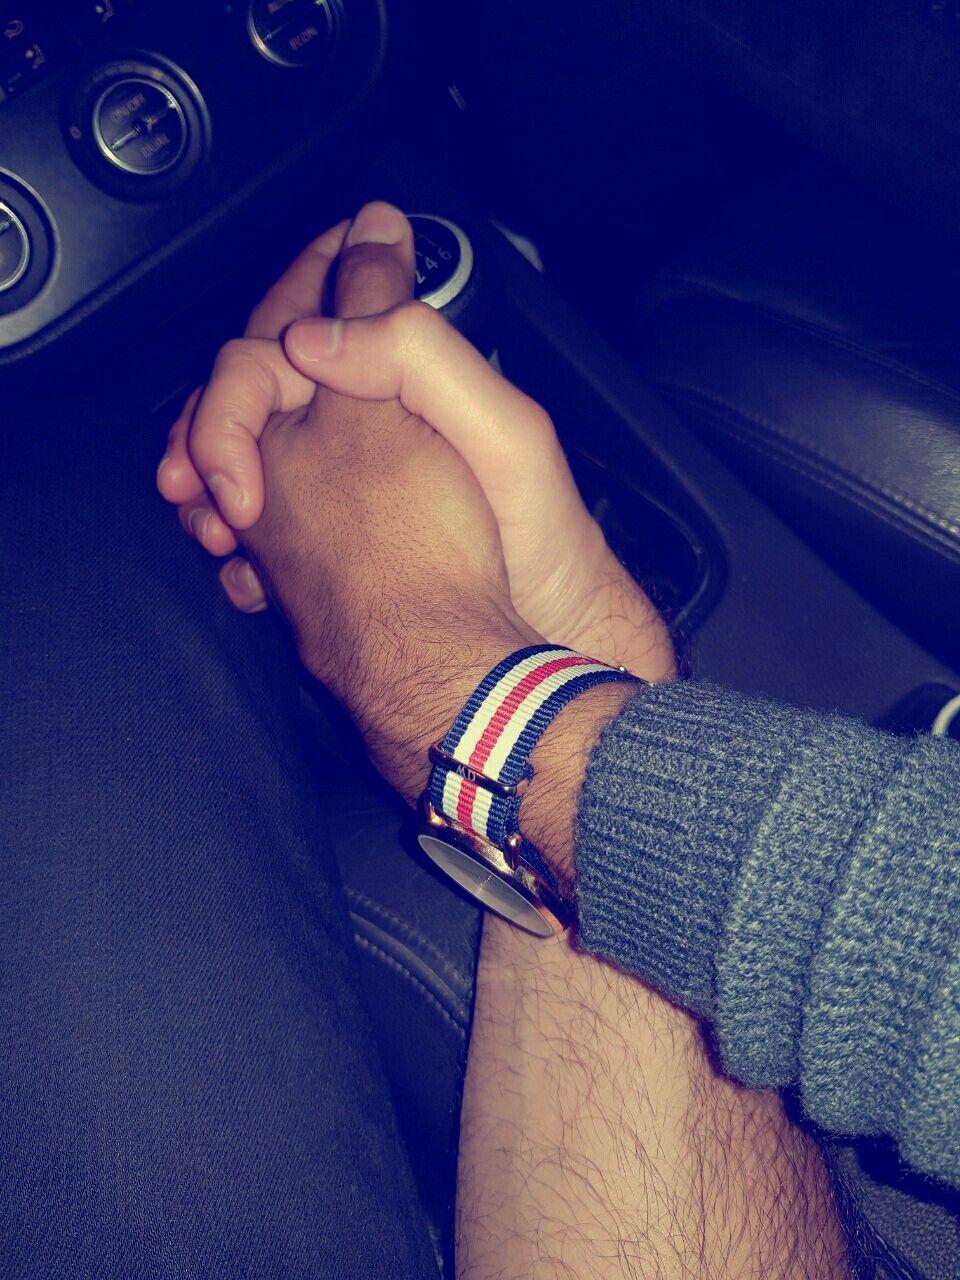 Картинка как держаться за руки в машине